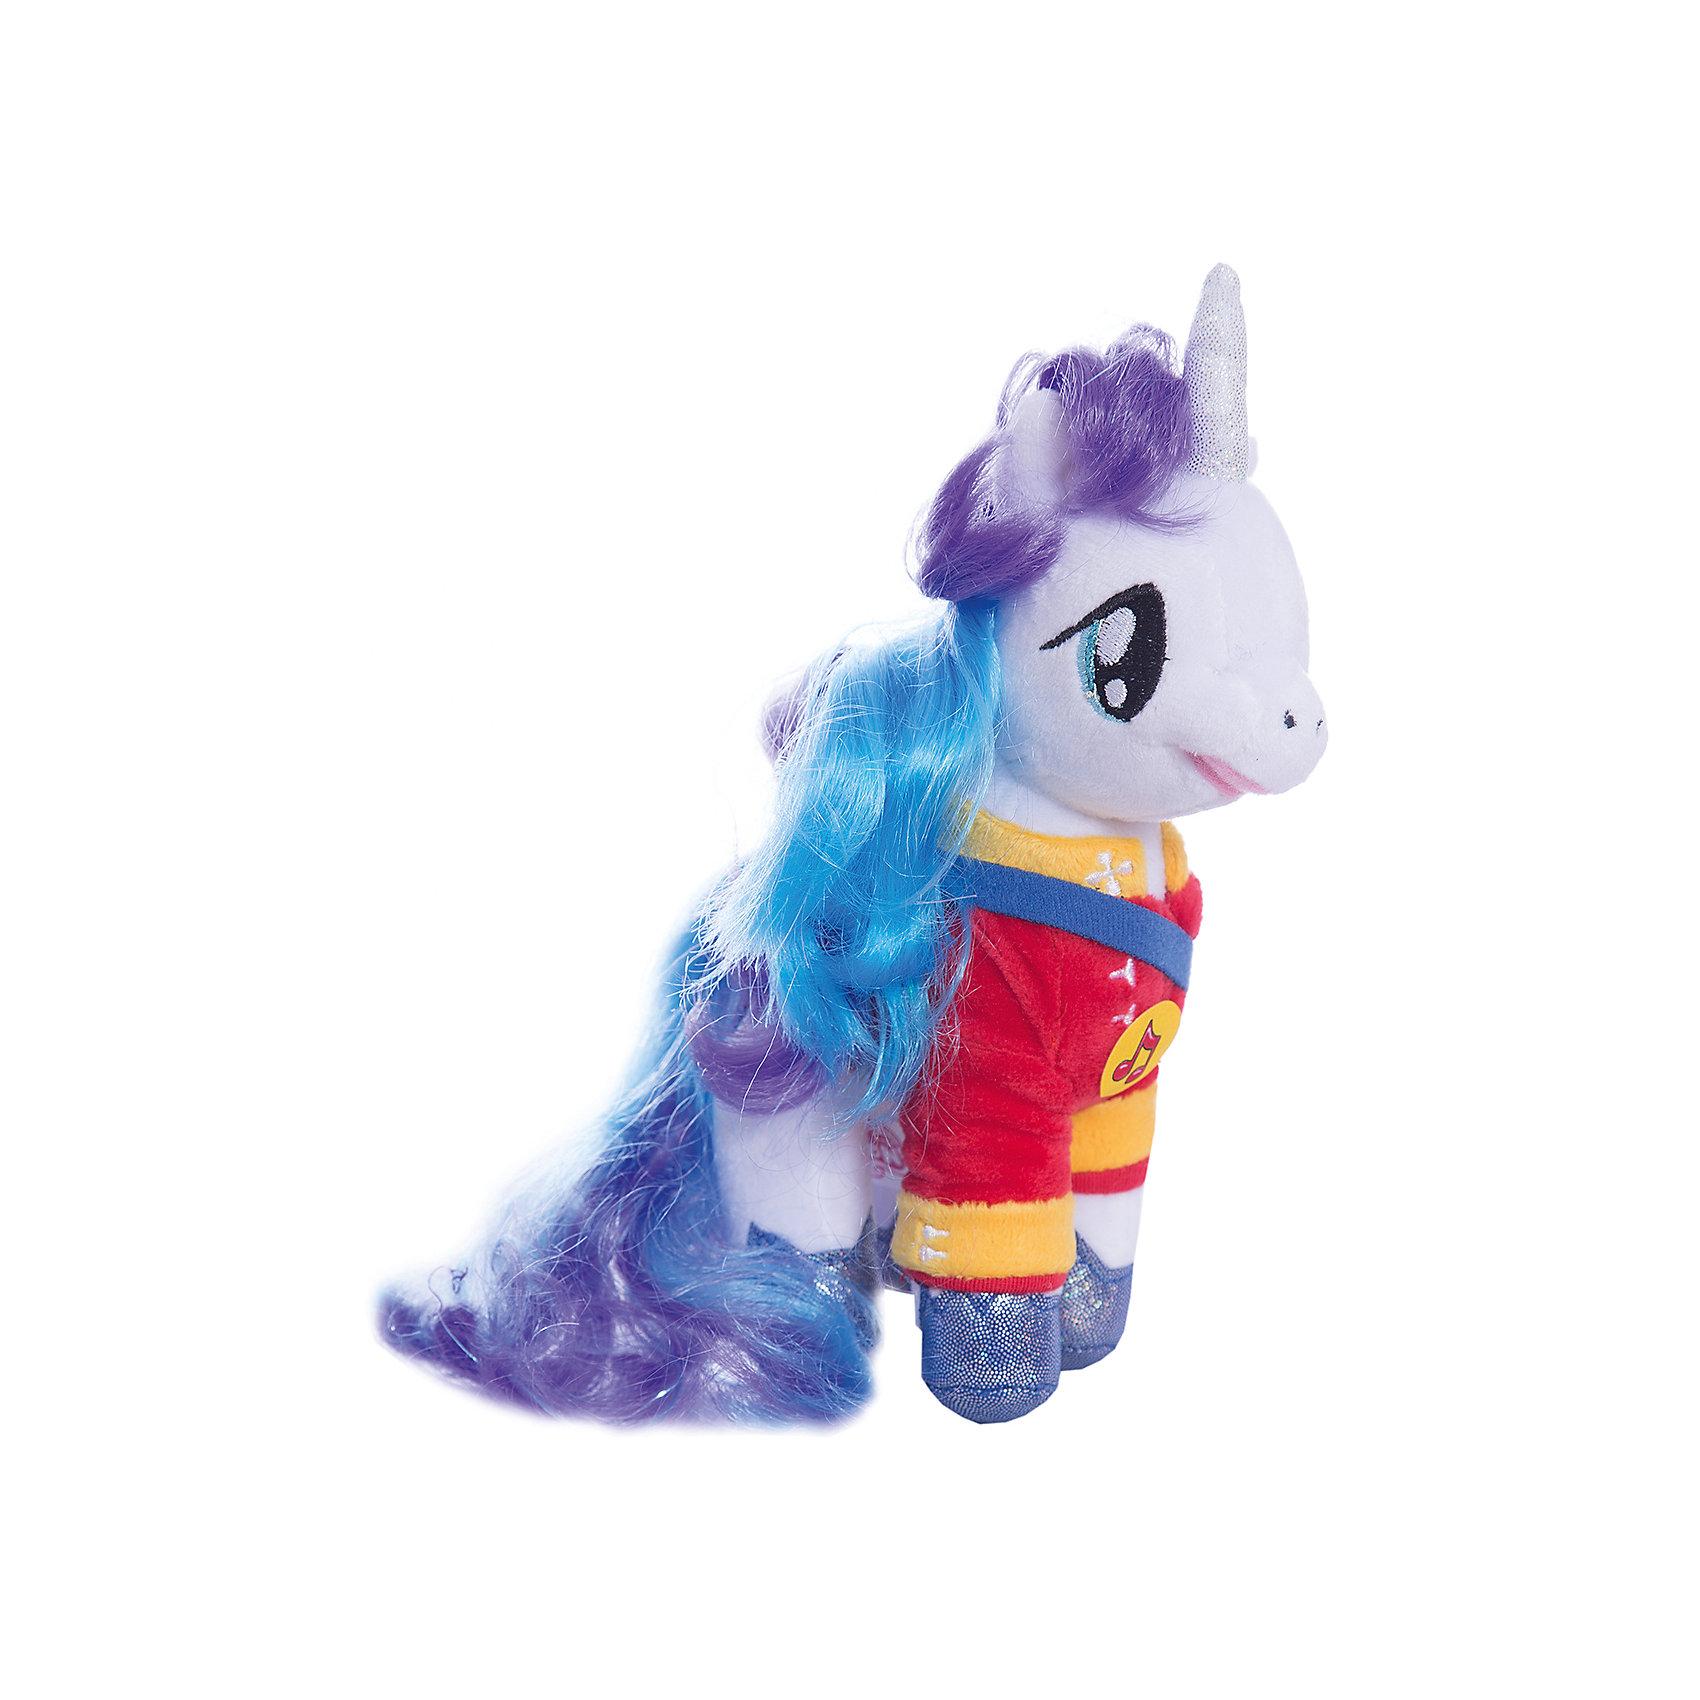 Мягкая игрушка Пони Принц Армор, 18 см, со звуком, My little Pony, МУЛЬТИ-ПУЛЬТИЛюбимые герои<br>Мягкая игрушка Пони Принц Армор со звуком от марки МУЛЬТИ-ПУЛЬТИ<br><br>Добрая мягкая игрушка от отечественного производителя сделана в виде известного персонажа из мультфильма My little Pony. Она поможет ребенку проводить время весело и с пользой. В игрушке есть встроенный звуковой модуль, который  позволяет ей говорить несколько фраз и петь песни.<br>Размер игрушки универсален - 18 сантиметров, её удобно брать с собой в поездки и на прогулку. Сделана она из качественных и безопасных для ребенка материалов, которые еще и приятны на ощупь. <br><br>Отличительные особенности  игрушки:<br><br>- материал: текстиль, пластик;<br>- звуковой модуль;<br>- язык: русский;<br>- работает на батарейках;<br>- высота: 18 см.<br><br>Мягкую игрушку Пони Принц Армор от марки МУЛЬТИ-ПУЛЬТИ можно купить в нашем магазине.<br><br>Ширина мм: 220<br>Глубина мм: 380<br>Высота мм: 280<br>Вес г: 110<br>Возраст от месяцев: 36<br>Возраст до месяцев: 84<br>Пол: Унисекс<br>Возраст: Детский<br>SKU: 4659489